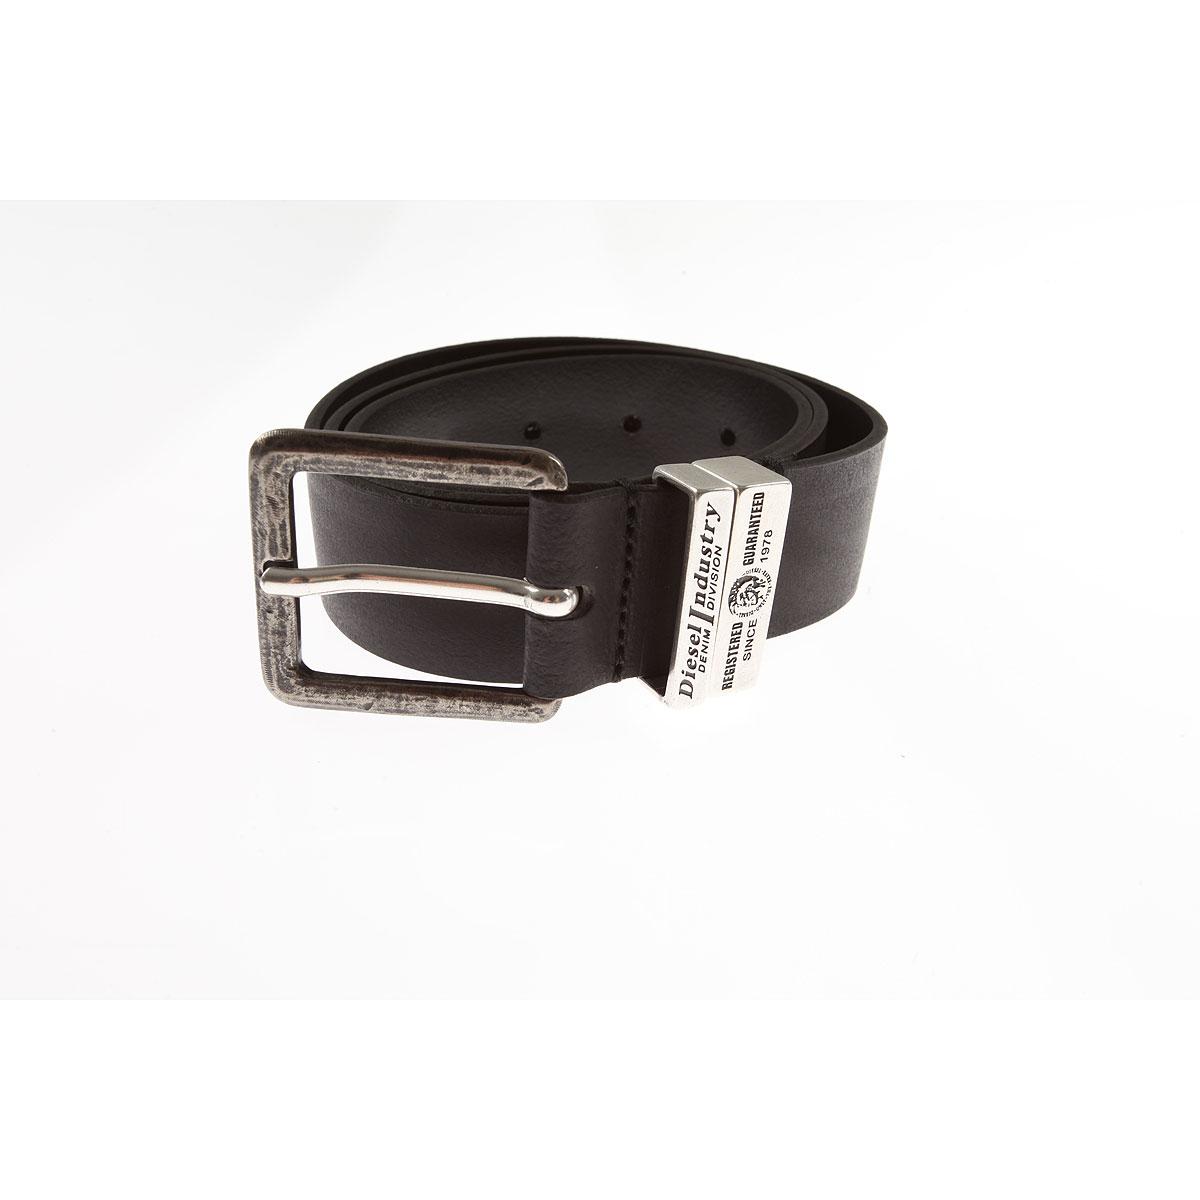 Image of Diesel Belts, Black, Leather, 2017, 36 38 40 42